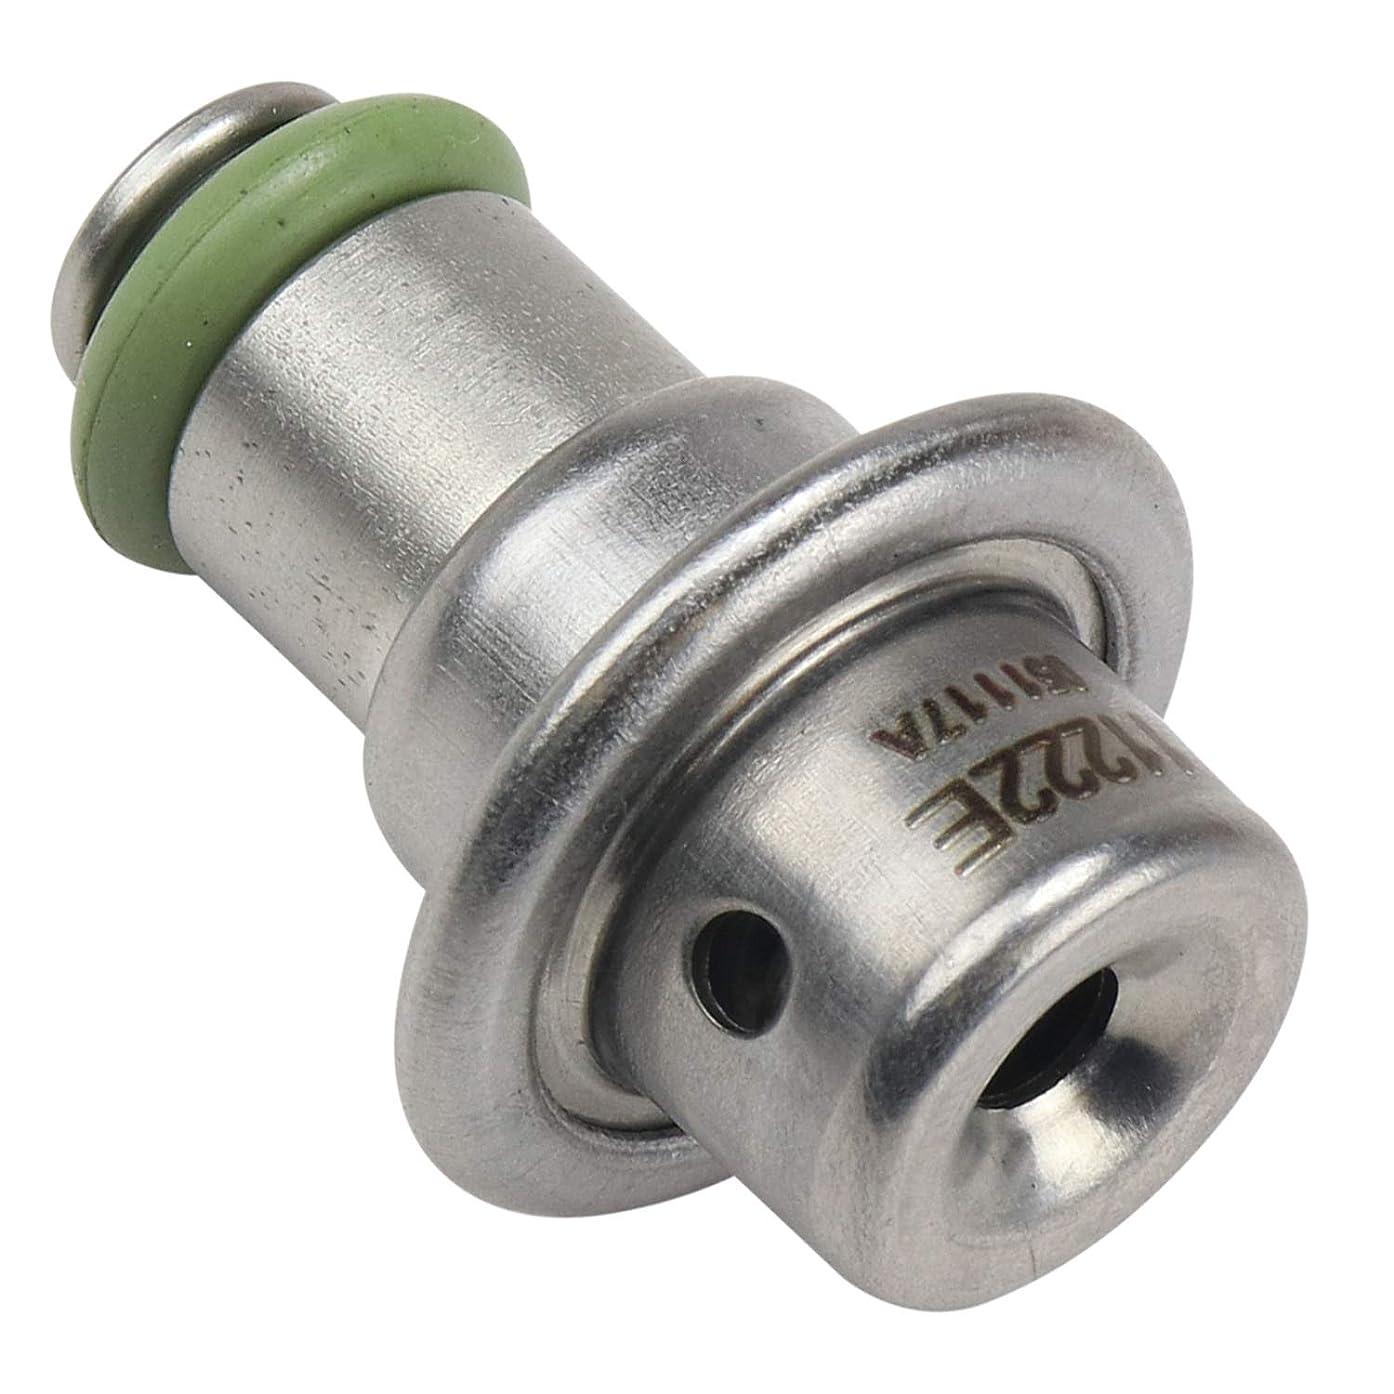 BECKARNLEY 158-1558 Fuel Injection Pressure Regulator